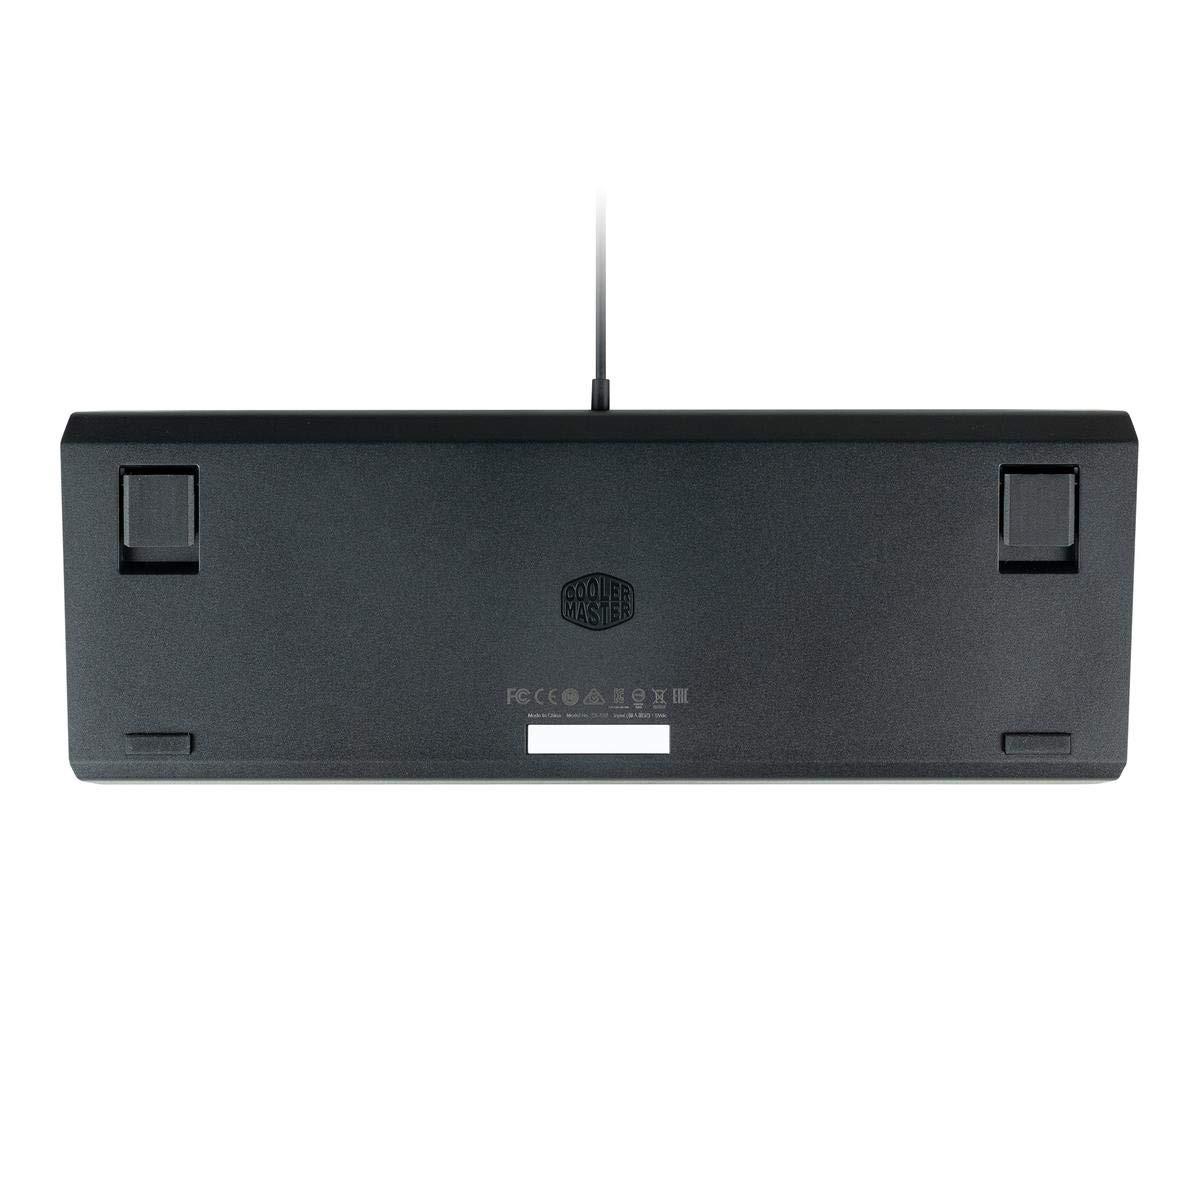 COOLER MASTER MASTERKEYS CK530 TKL mechaninė laidinė RGB klaviatūra | US RED